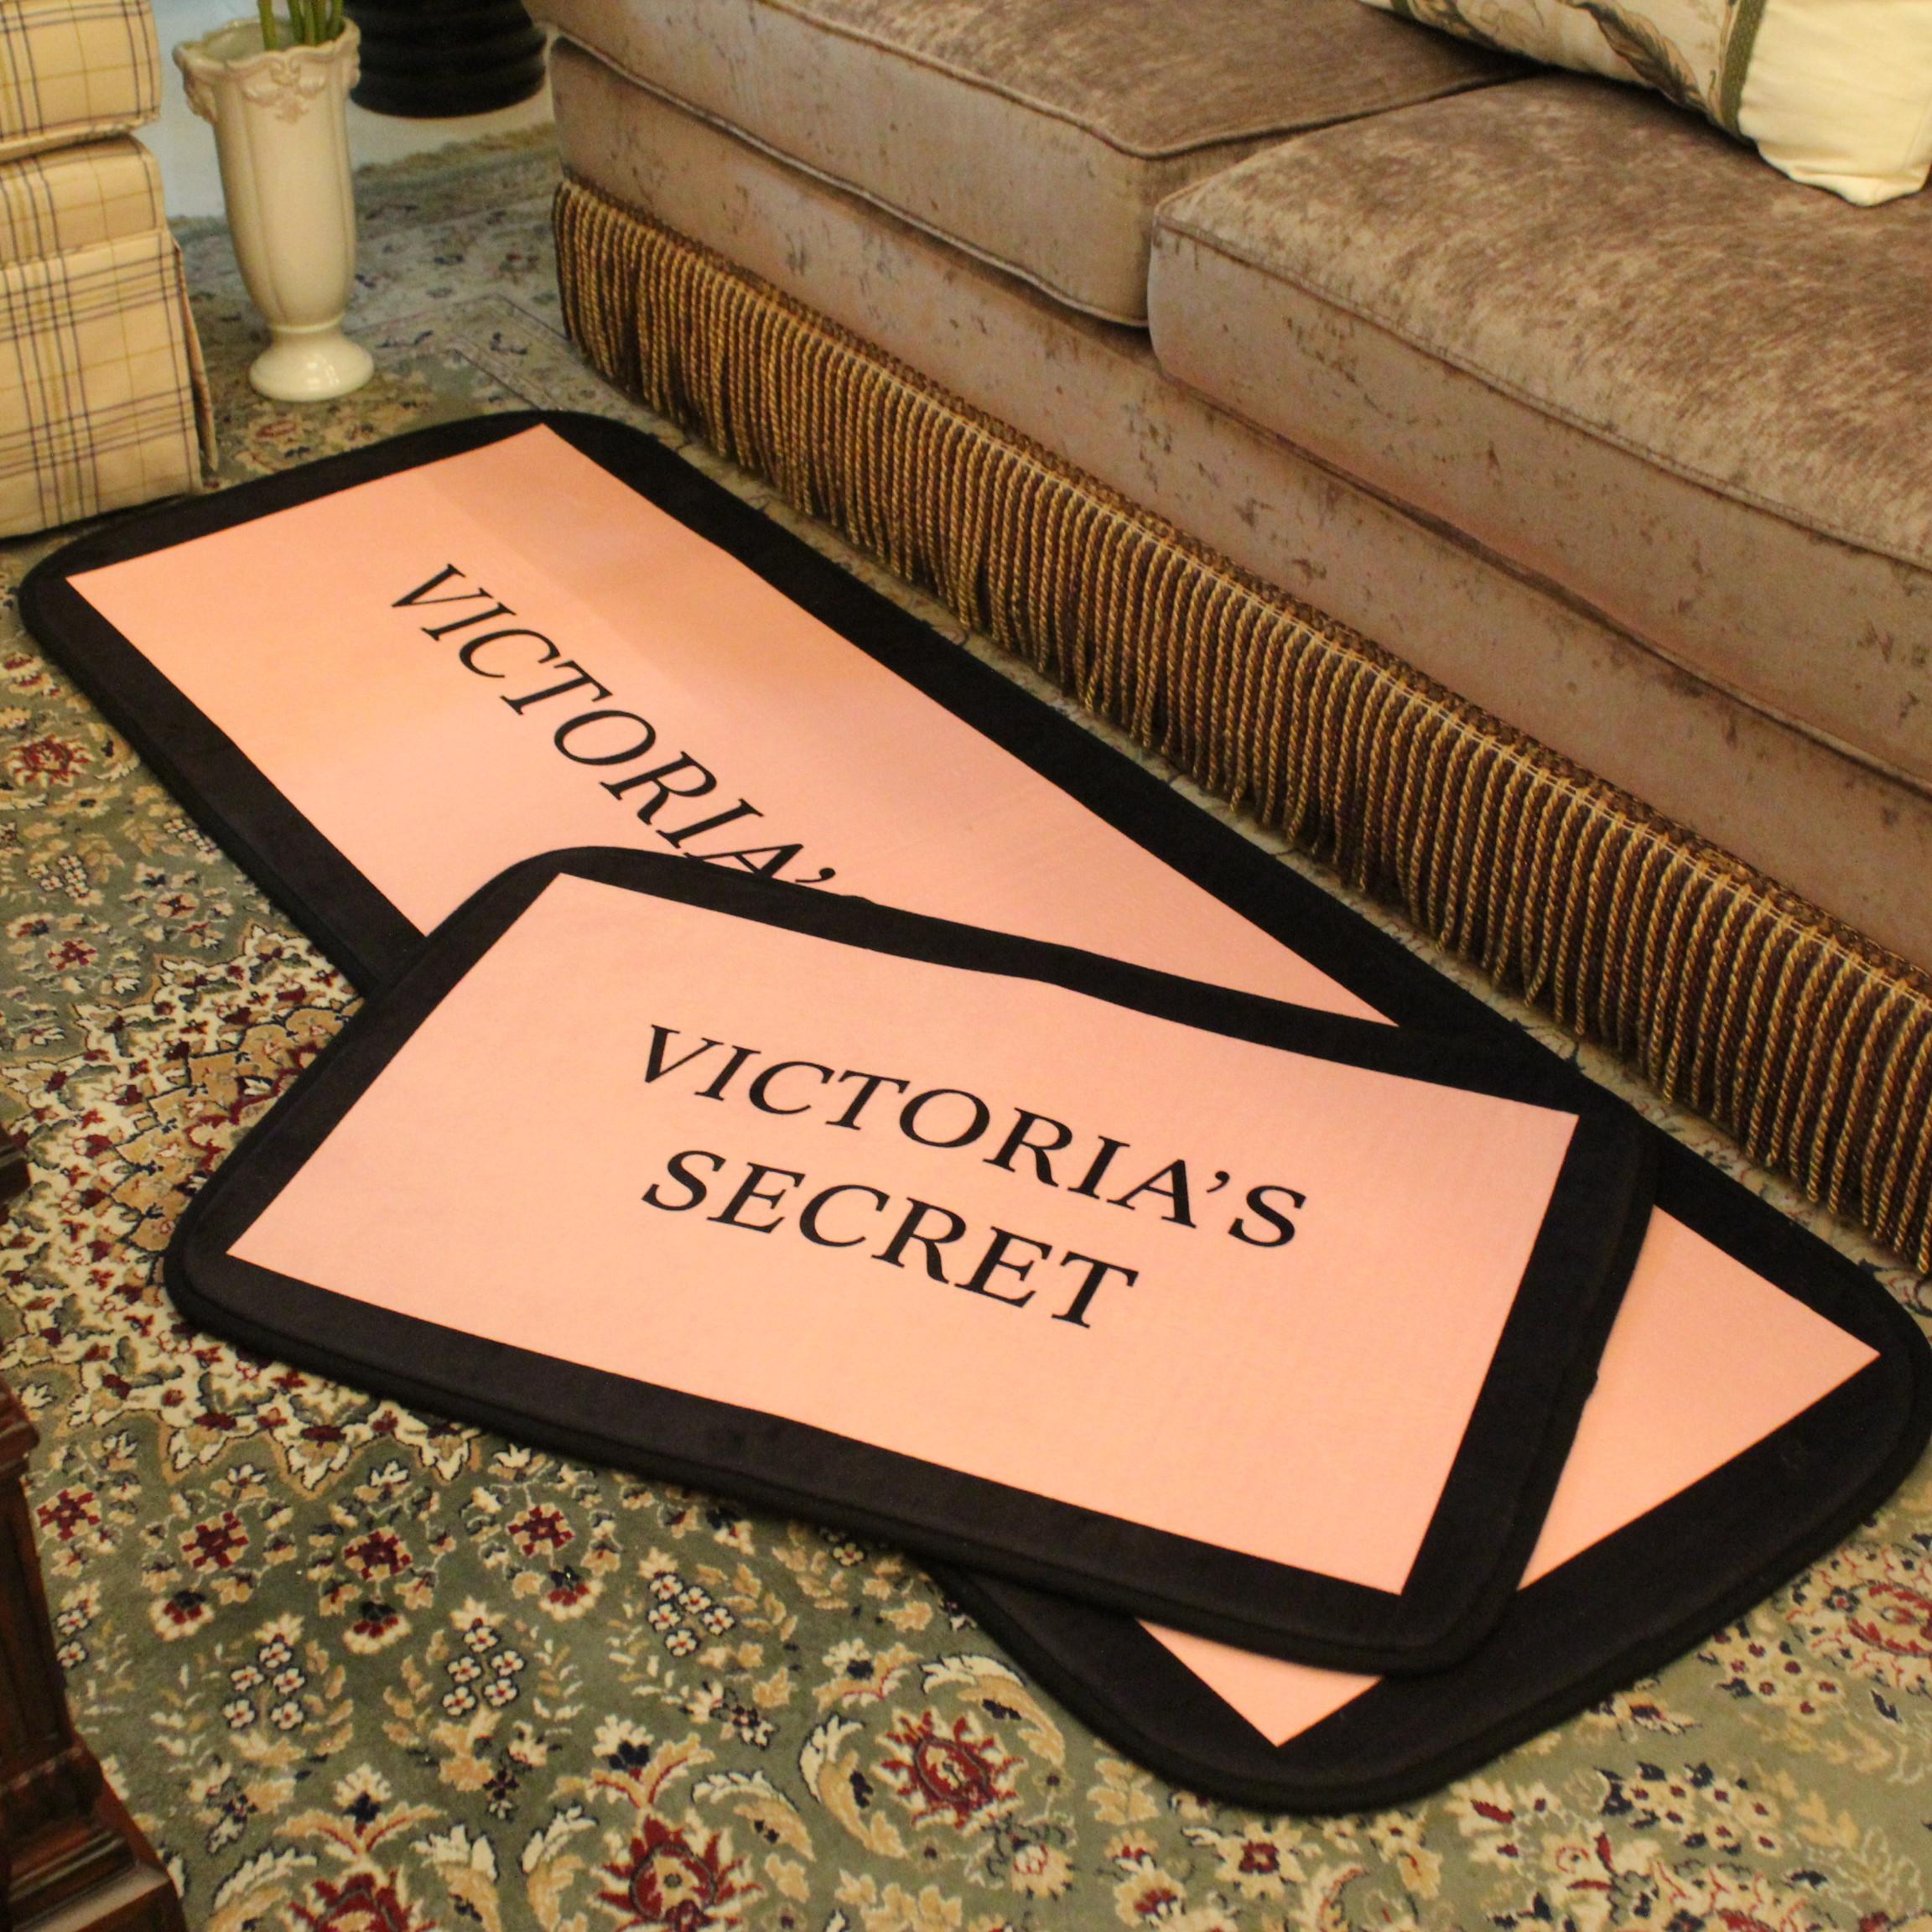 พรมปูพื้น Victoria's secret